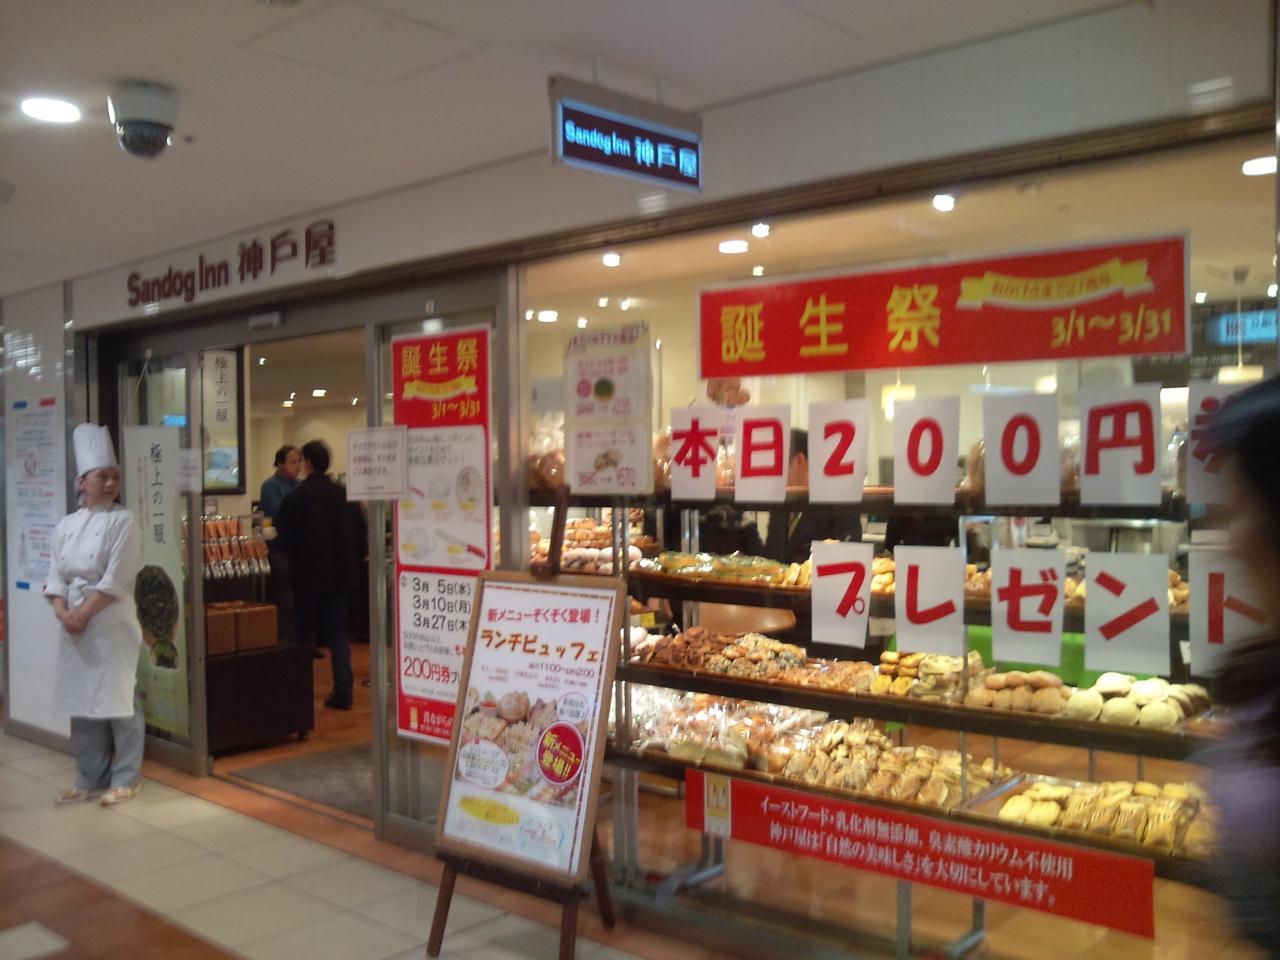 サンドッグイン神戸屋八重洲店(店舗外観)